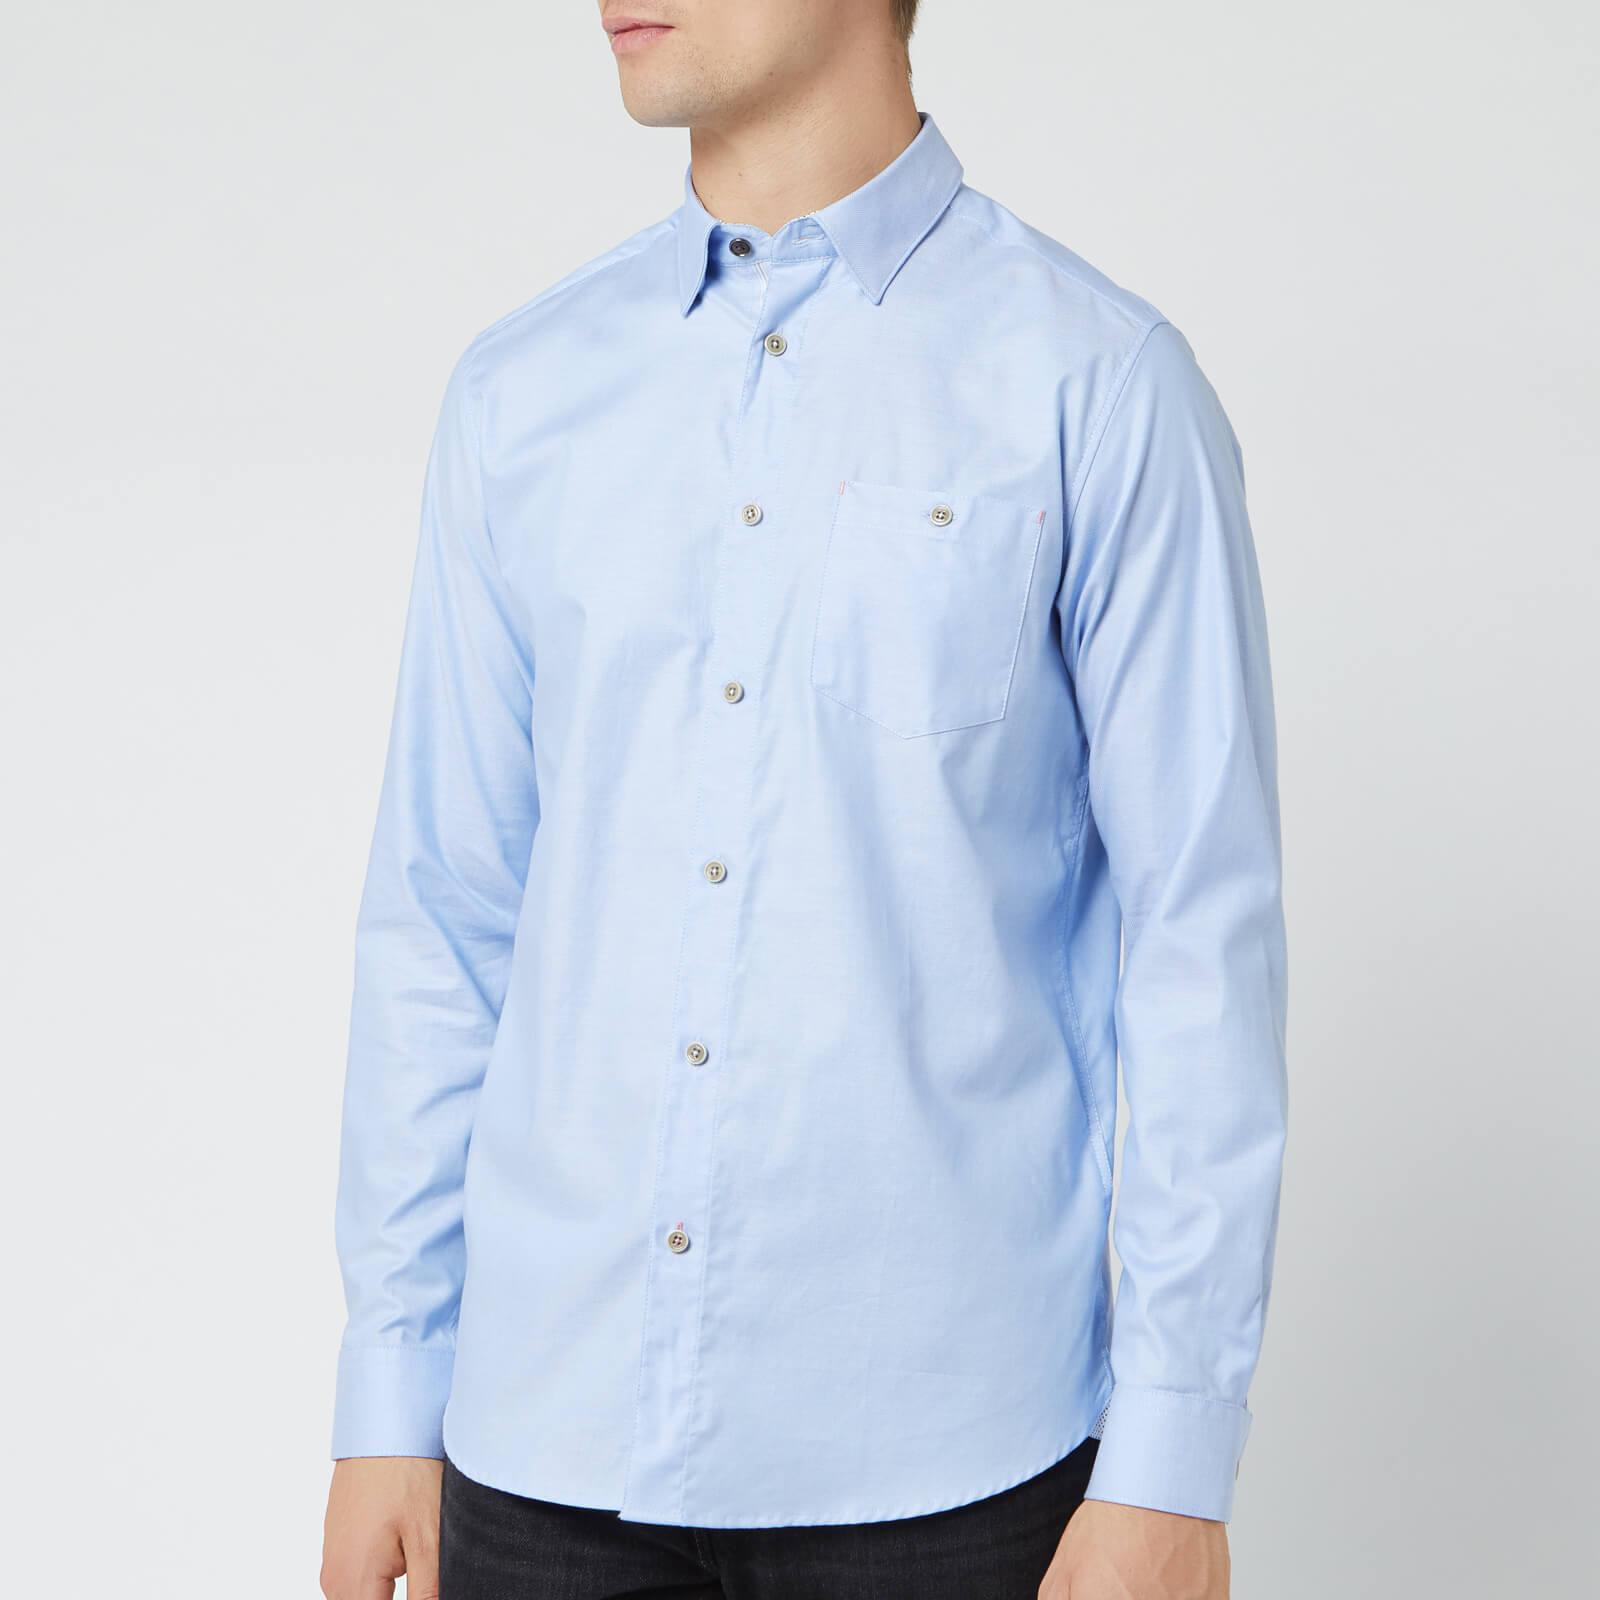 Ted Baker Men's Zachari Long Sleeve Shirt - Light Blue - S/2